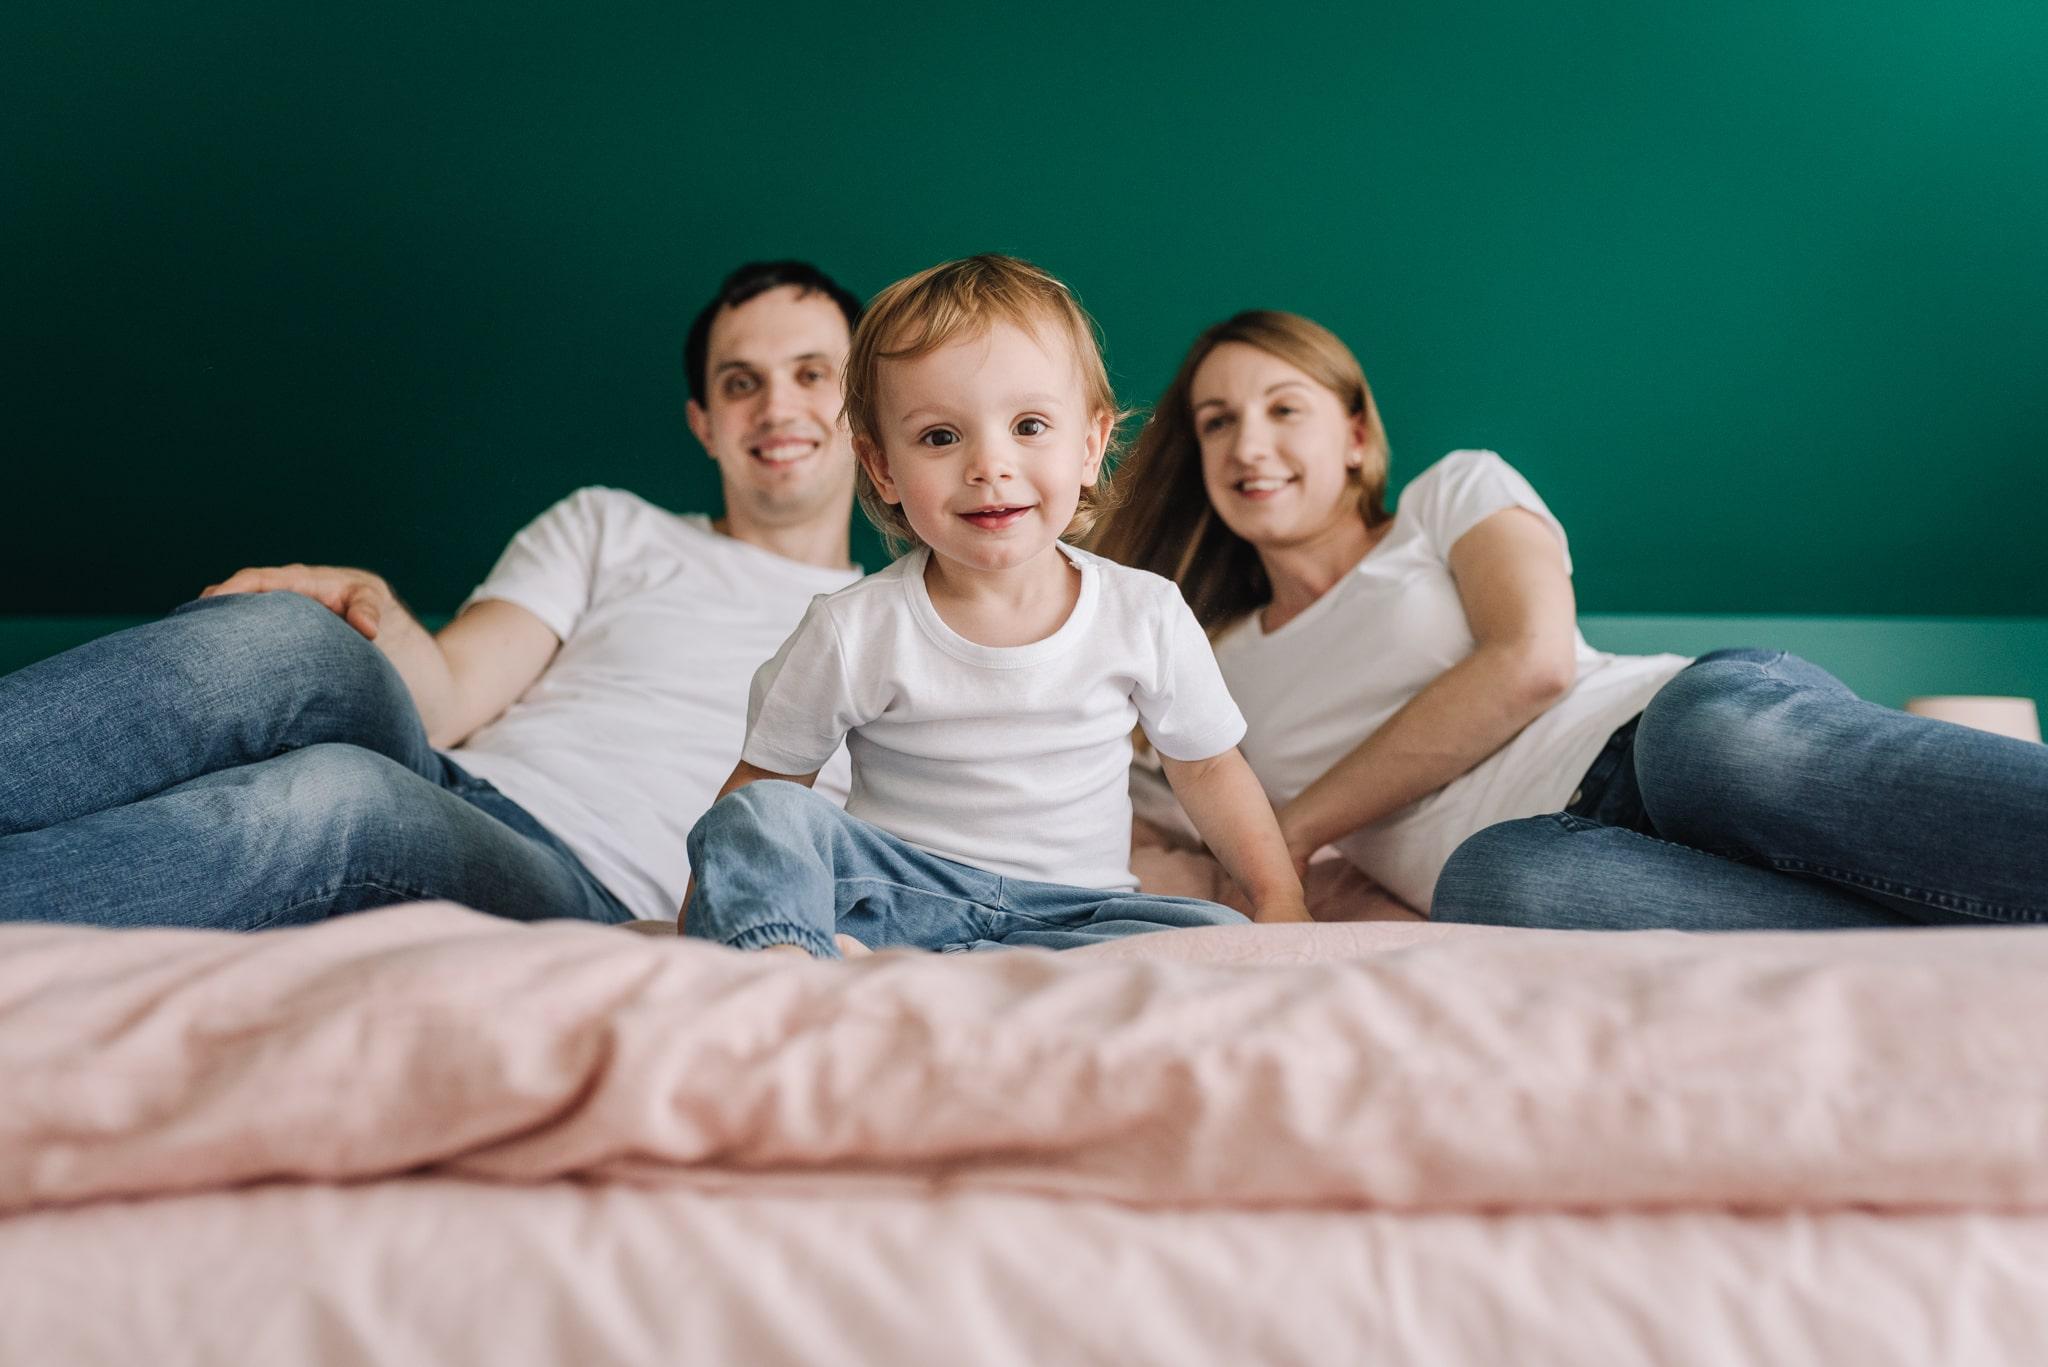 rodzice i córeczka siedzą na łóżku podczas sesji lifestyle